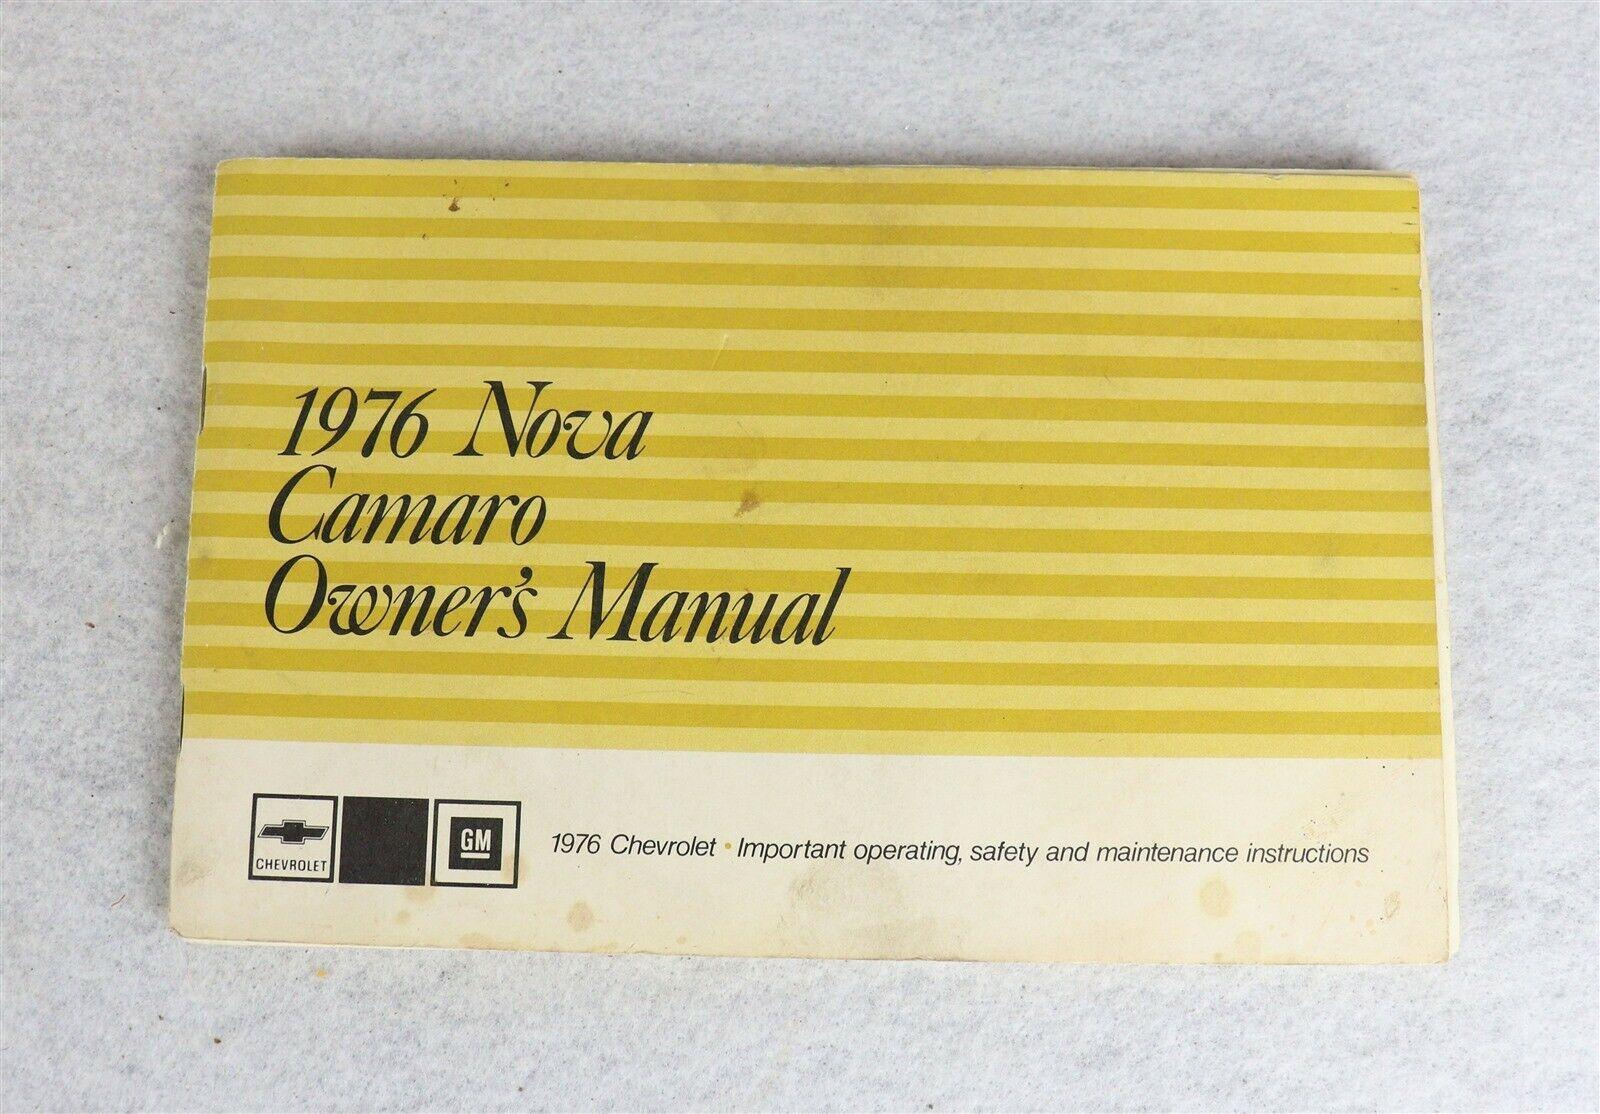 1976 Chevrolet Nova Camaro Owner's Manual